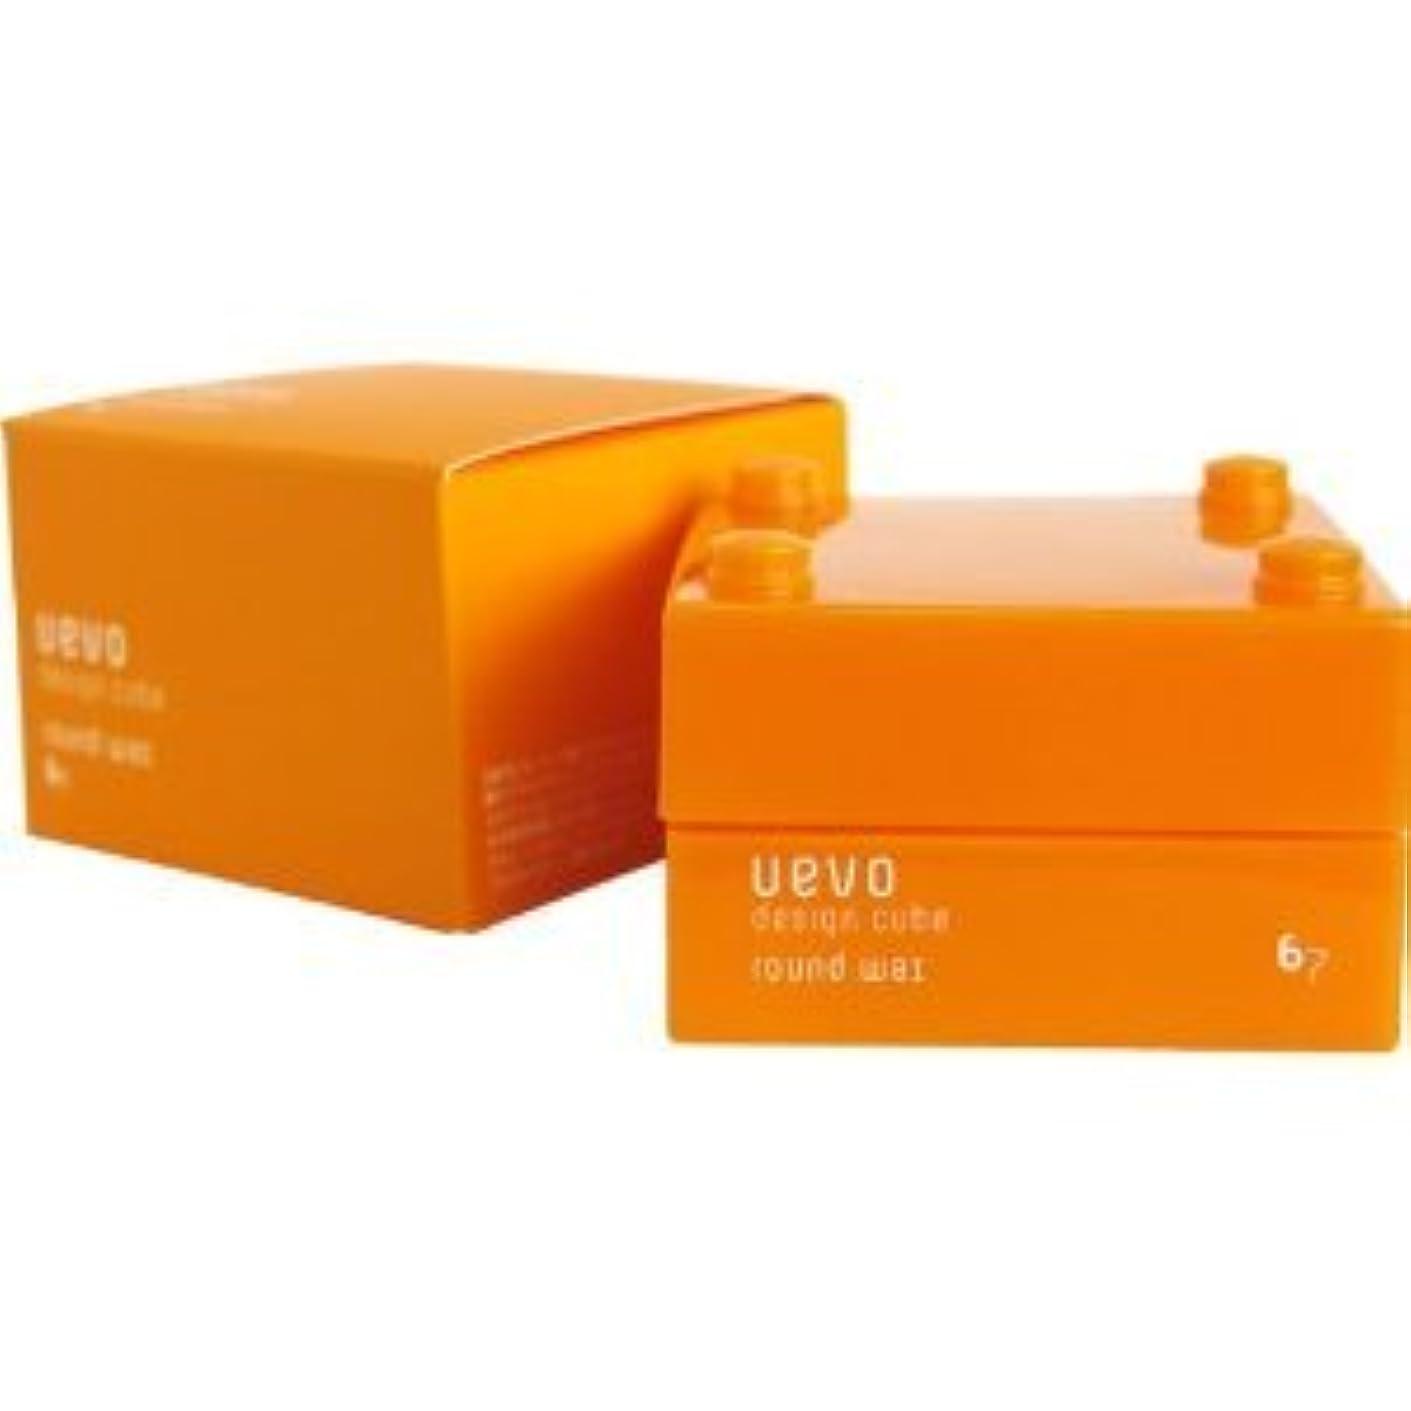 見習い時代遅れ大理石デミ ウェーボ デザインキューブ ラウンドワックス 30g round wax DEMI uevo design cube